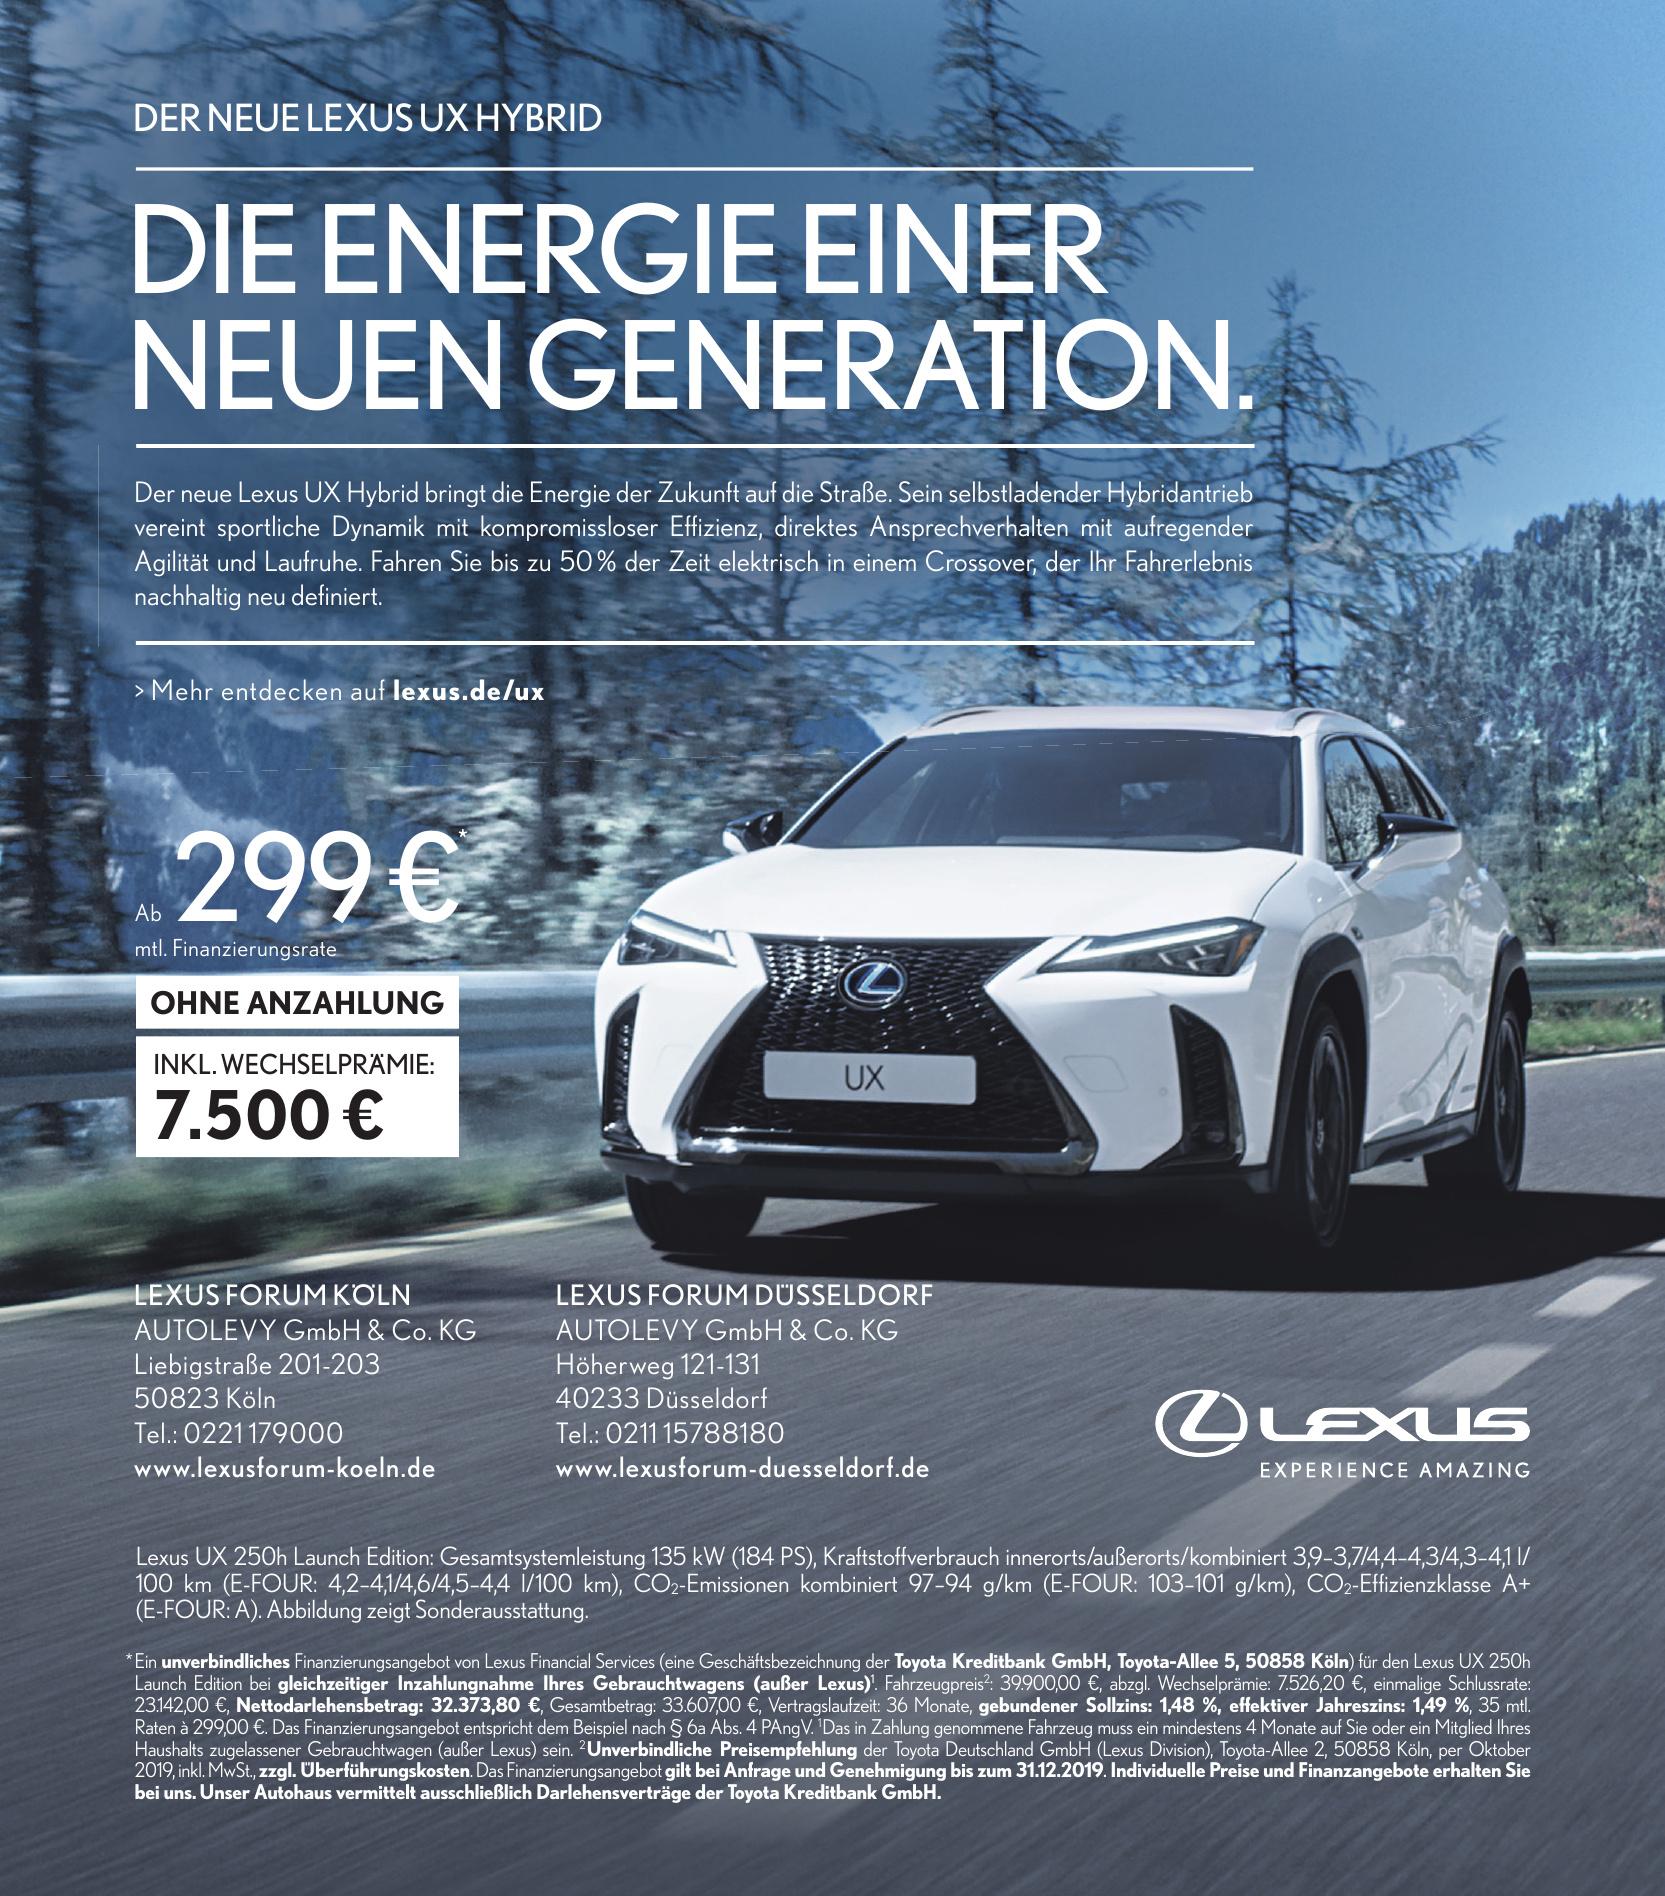 LEXUS Forumköln Autolevy GmbH & Co. KG